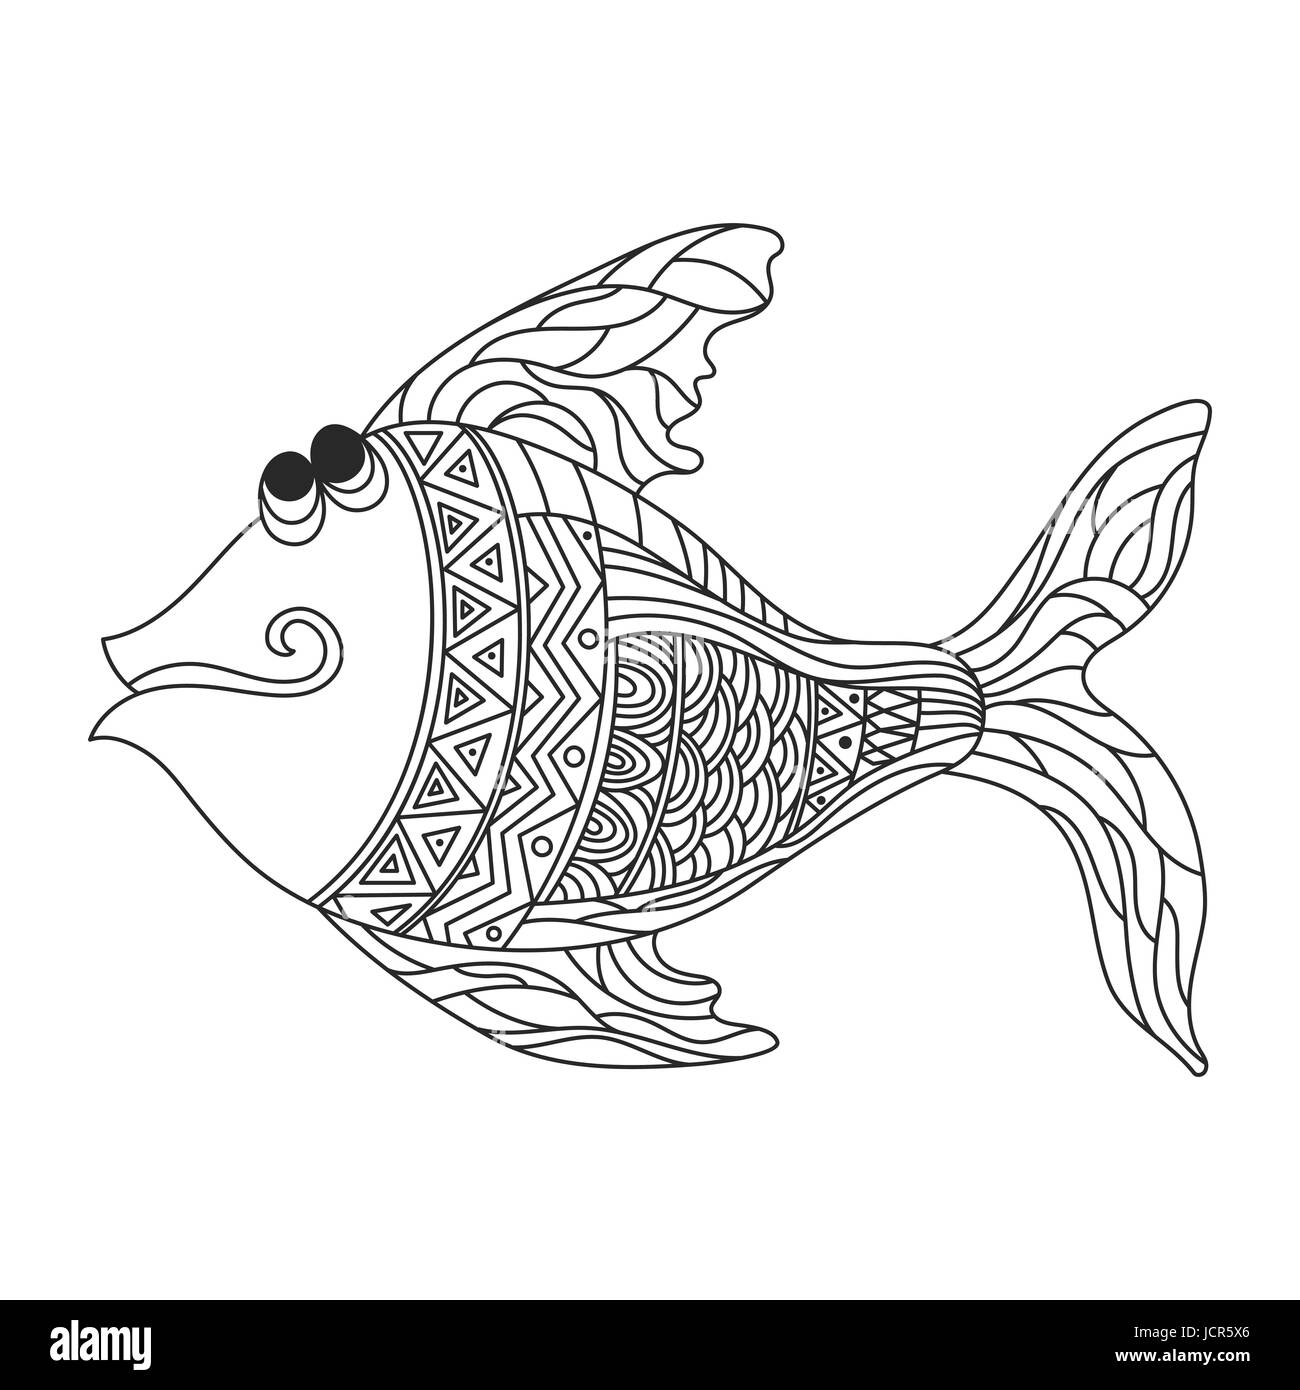 Vektor monochrome handgezeichneten Zentagle Abbildung von niedlichen ...